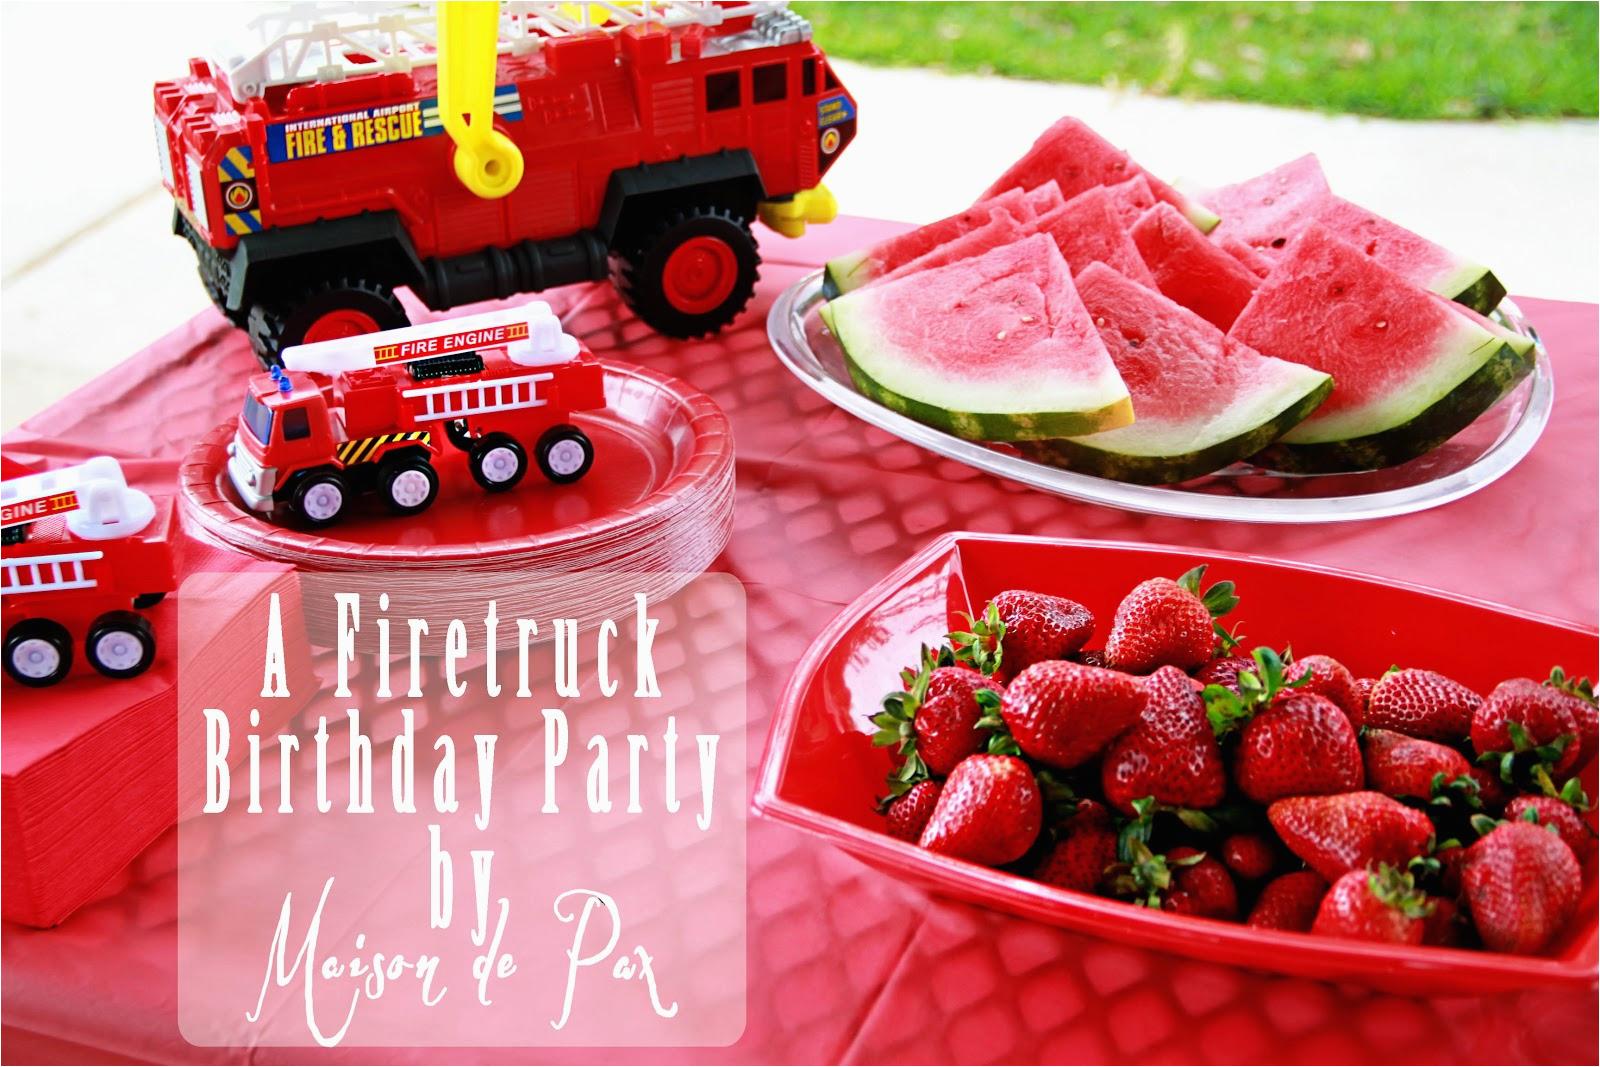 Fire Truck Birthday Decorations A Smokin 39 Hot Fire Truck Birthday Party Maison De Pax